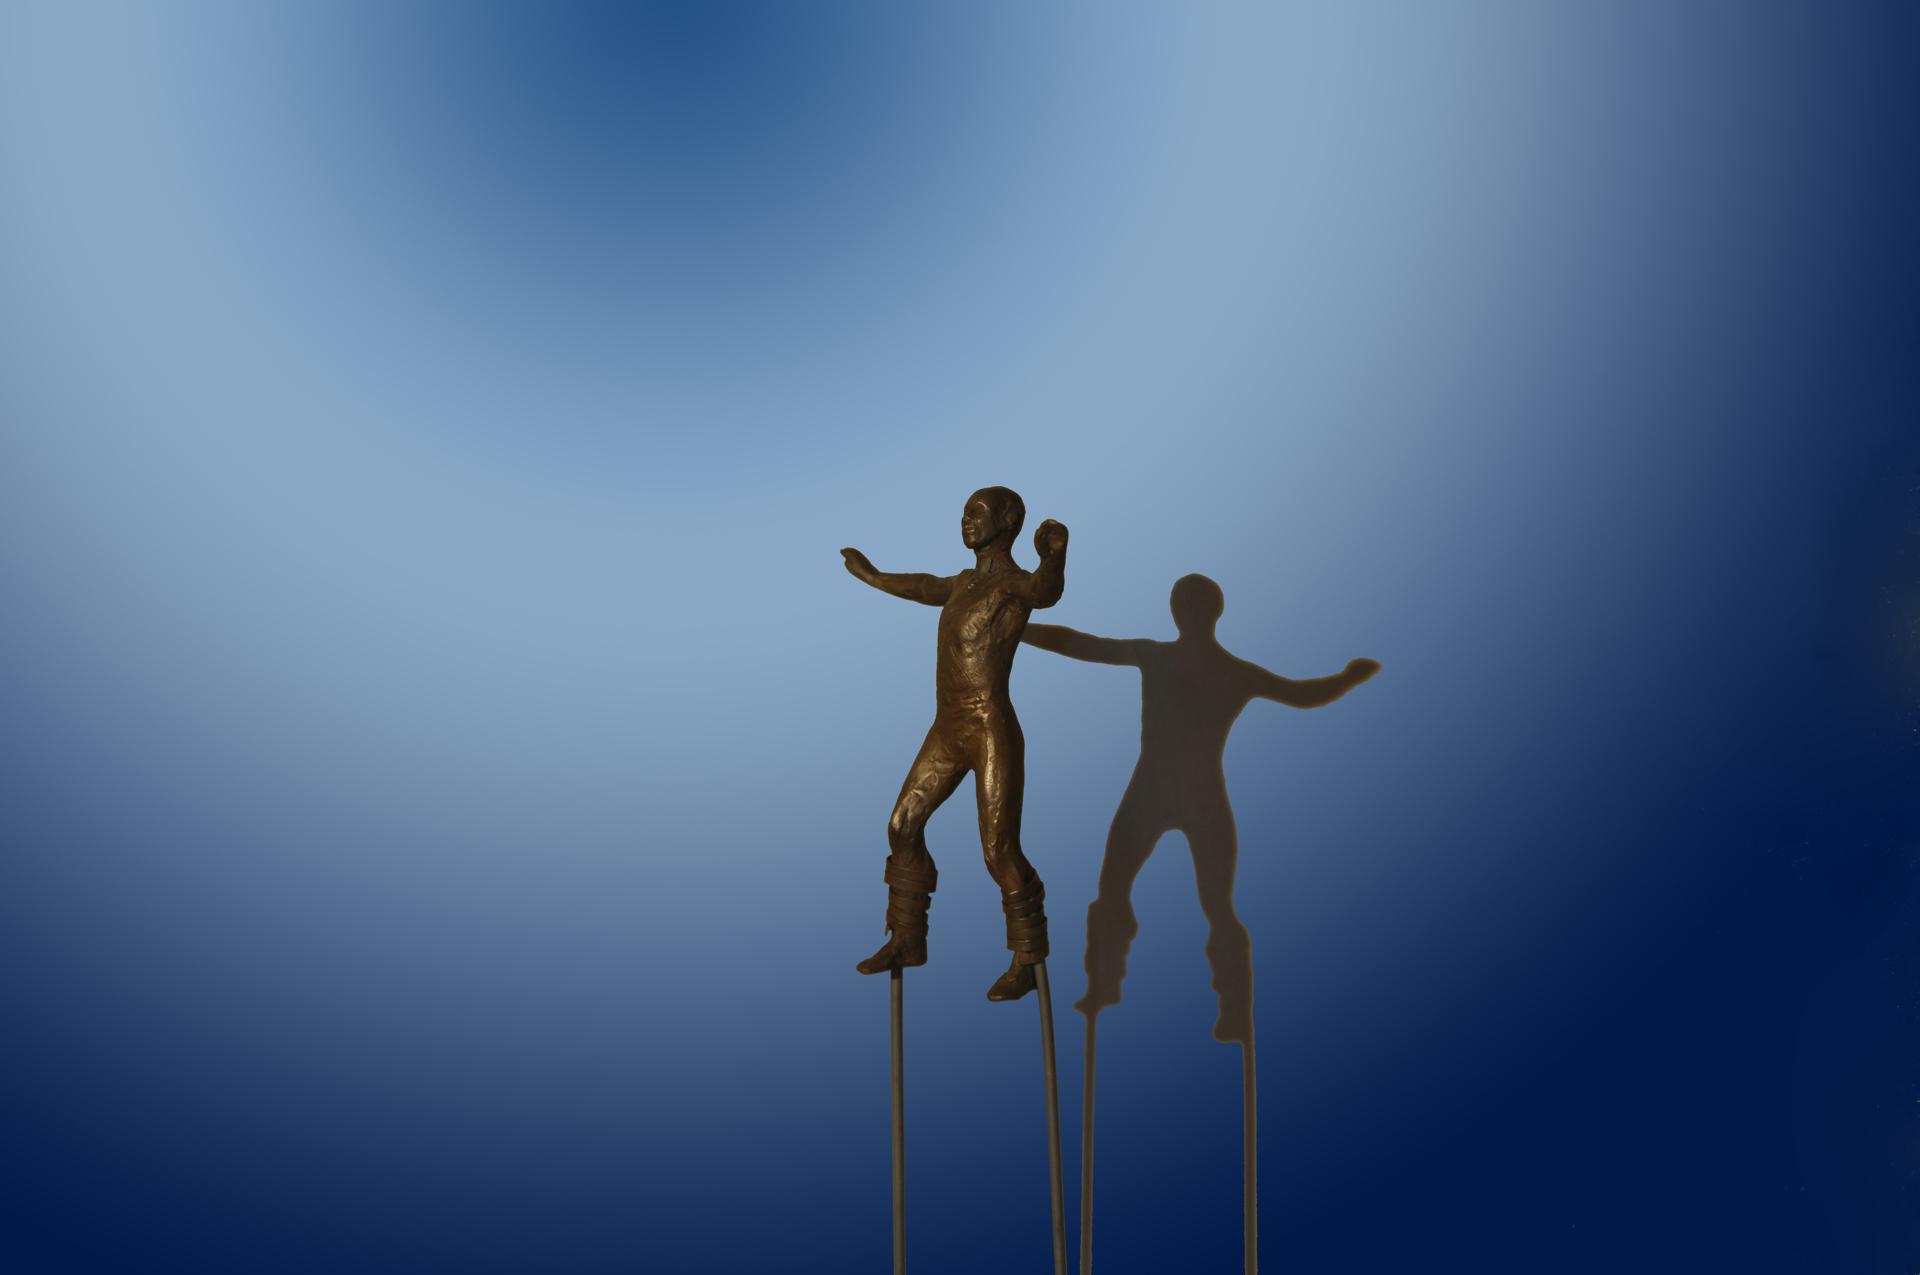 Balance Series: Stiltwalker by Bill Starke